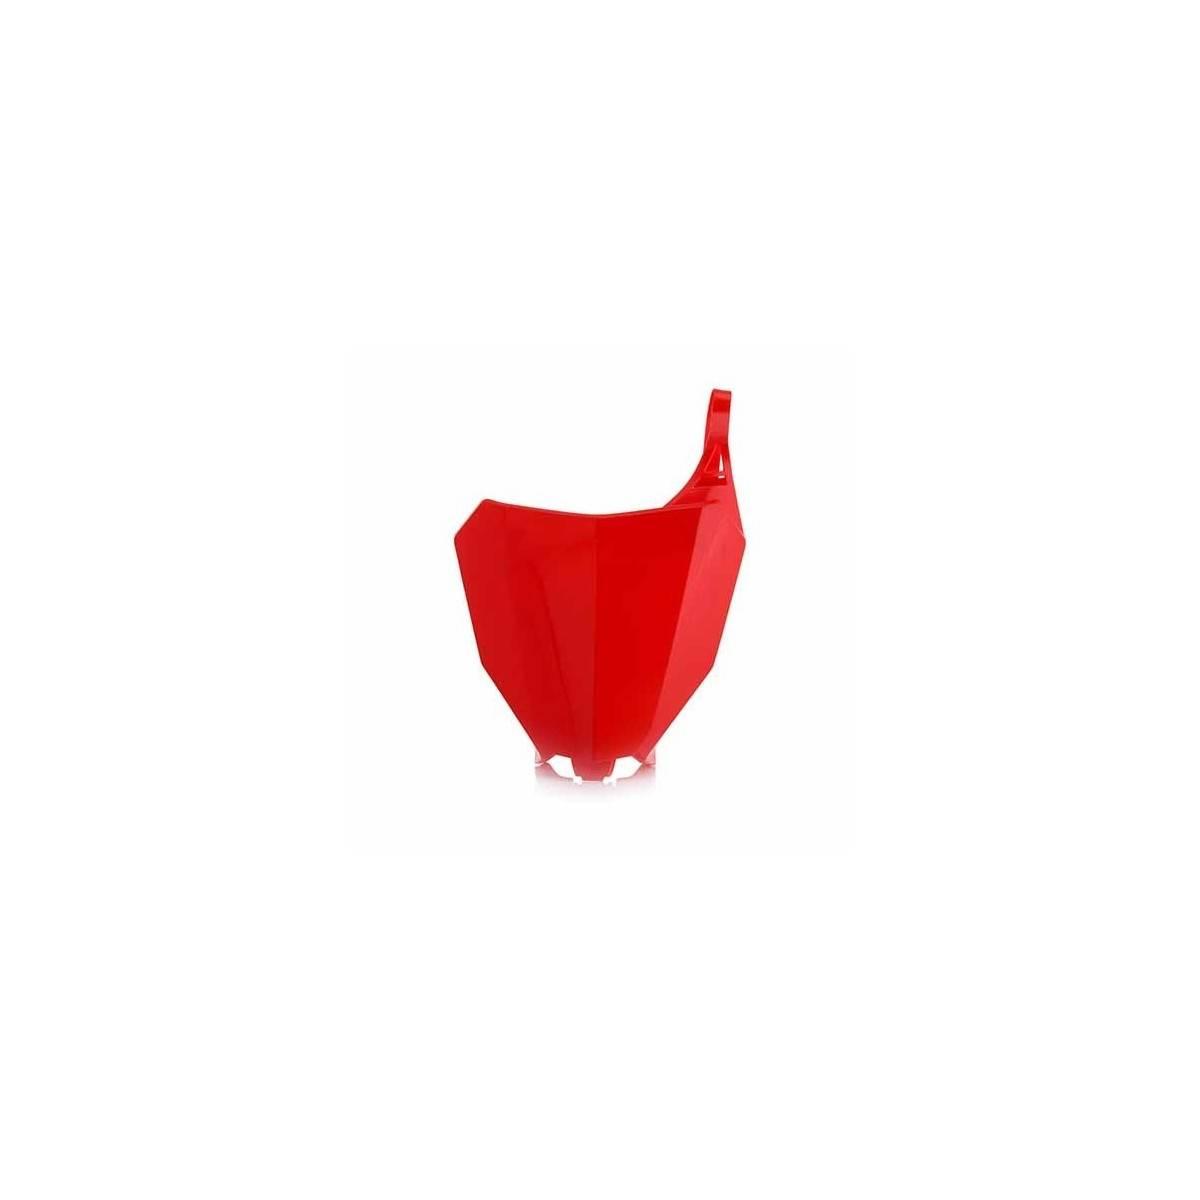 0022380-110 - Porta Numeros Crf 250R 18 Crf 450 Rx 17 18 Rojo